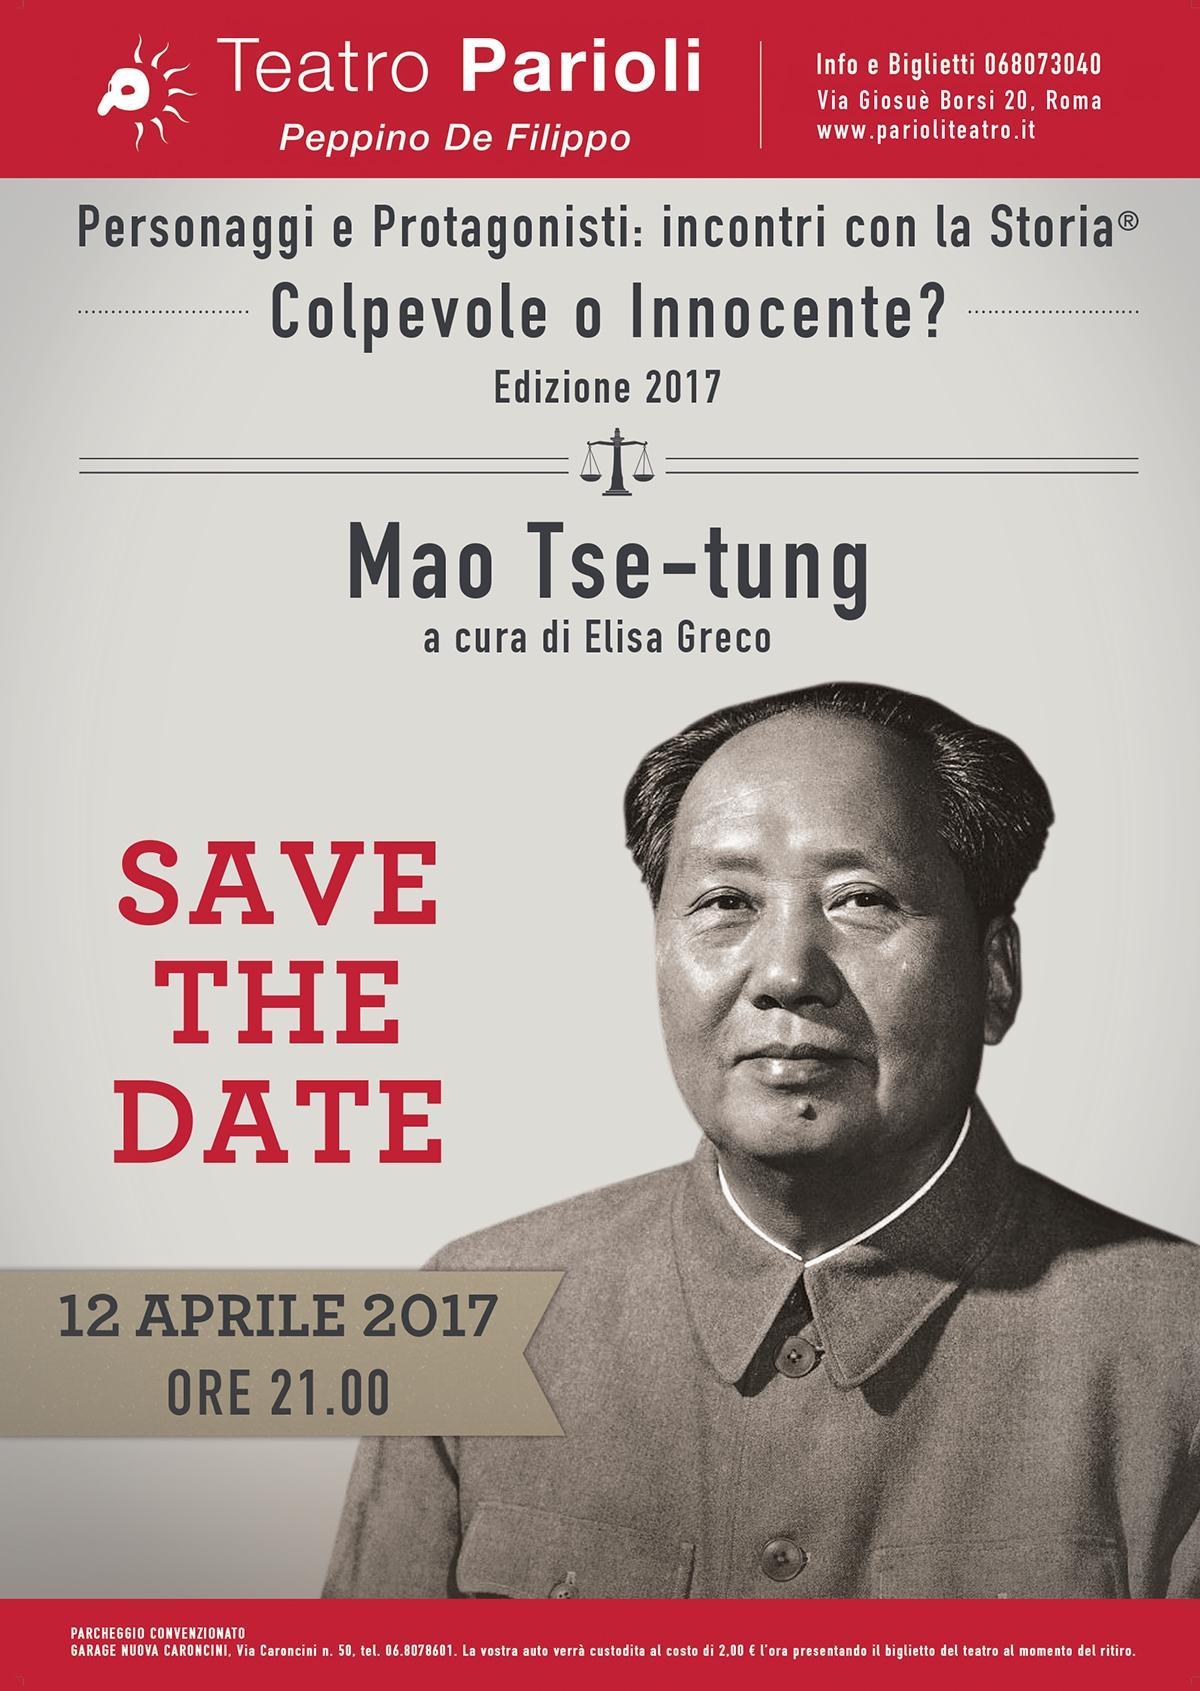 Save the date - La storia a processo! - 12 Aprile 2017 - ore 21 - Teatro Parioli Peppino De Filippo – Roma